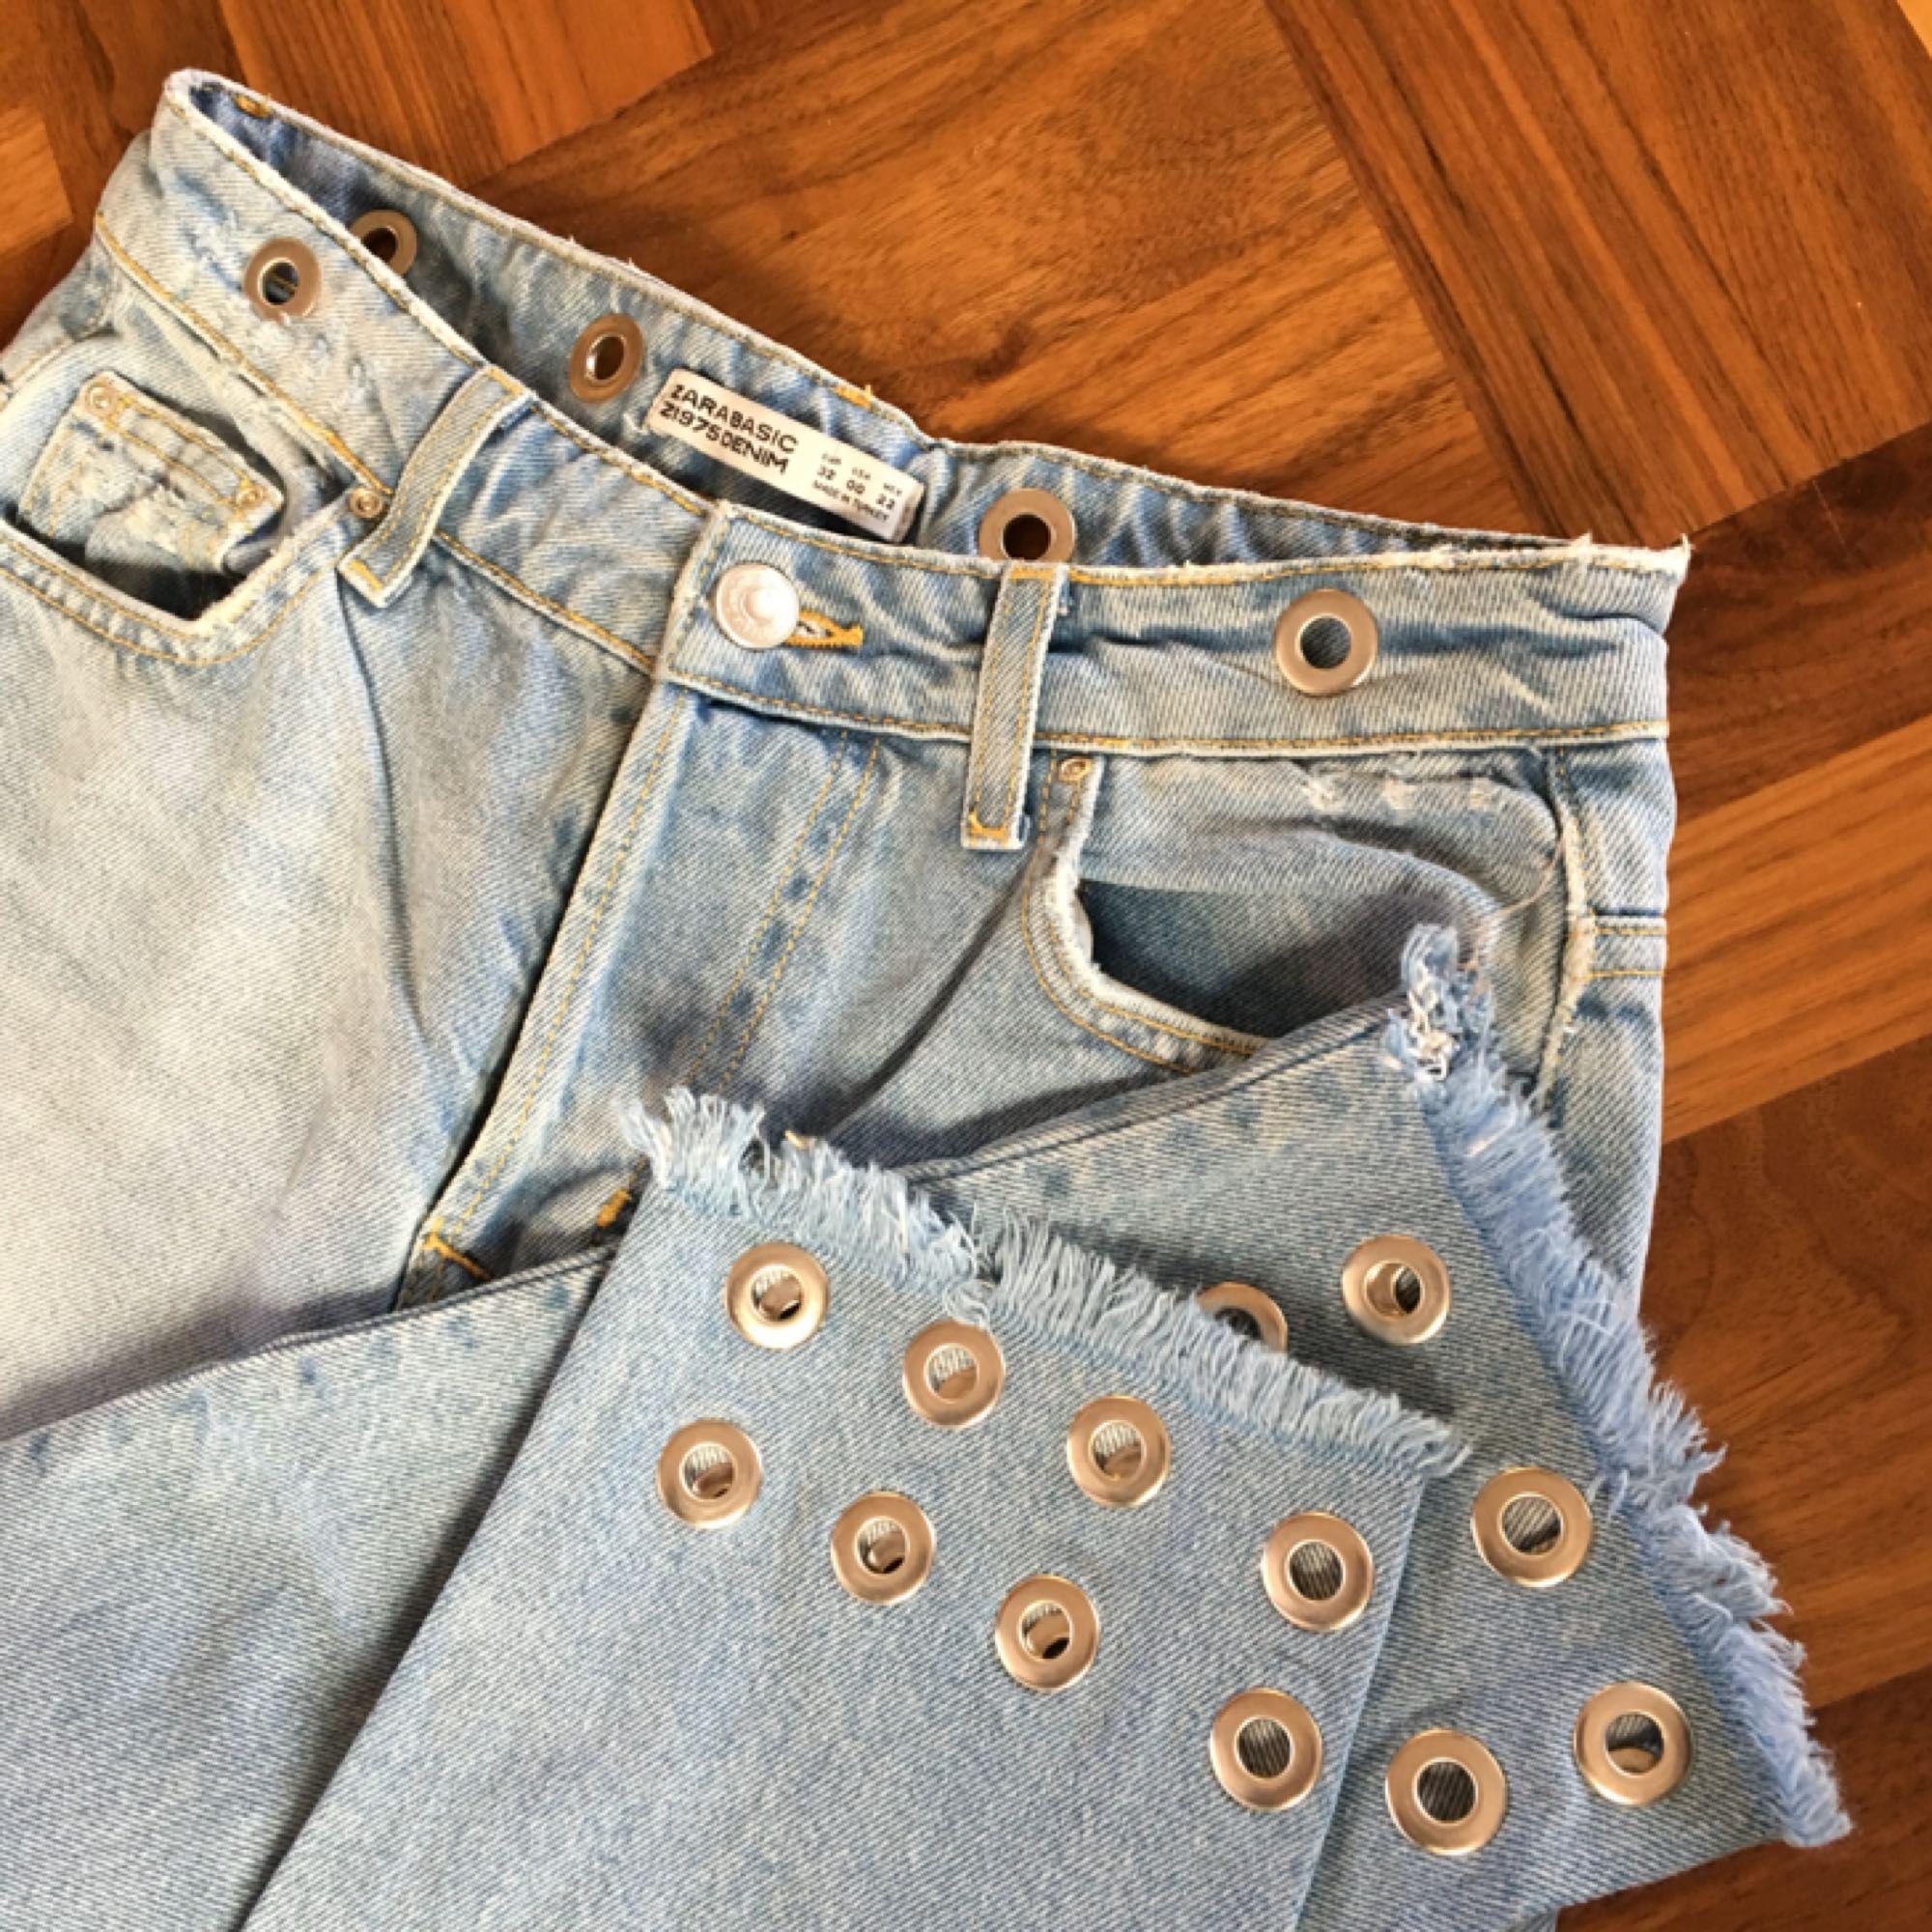 2885ce0e Smukke lyse jeans med flotte huldetaljer i taljen og enden af benene.